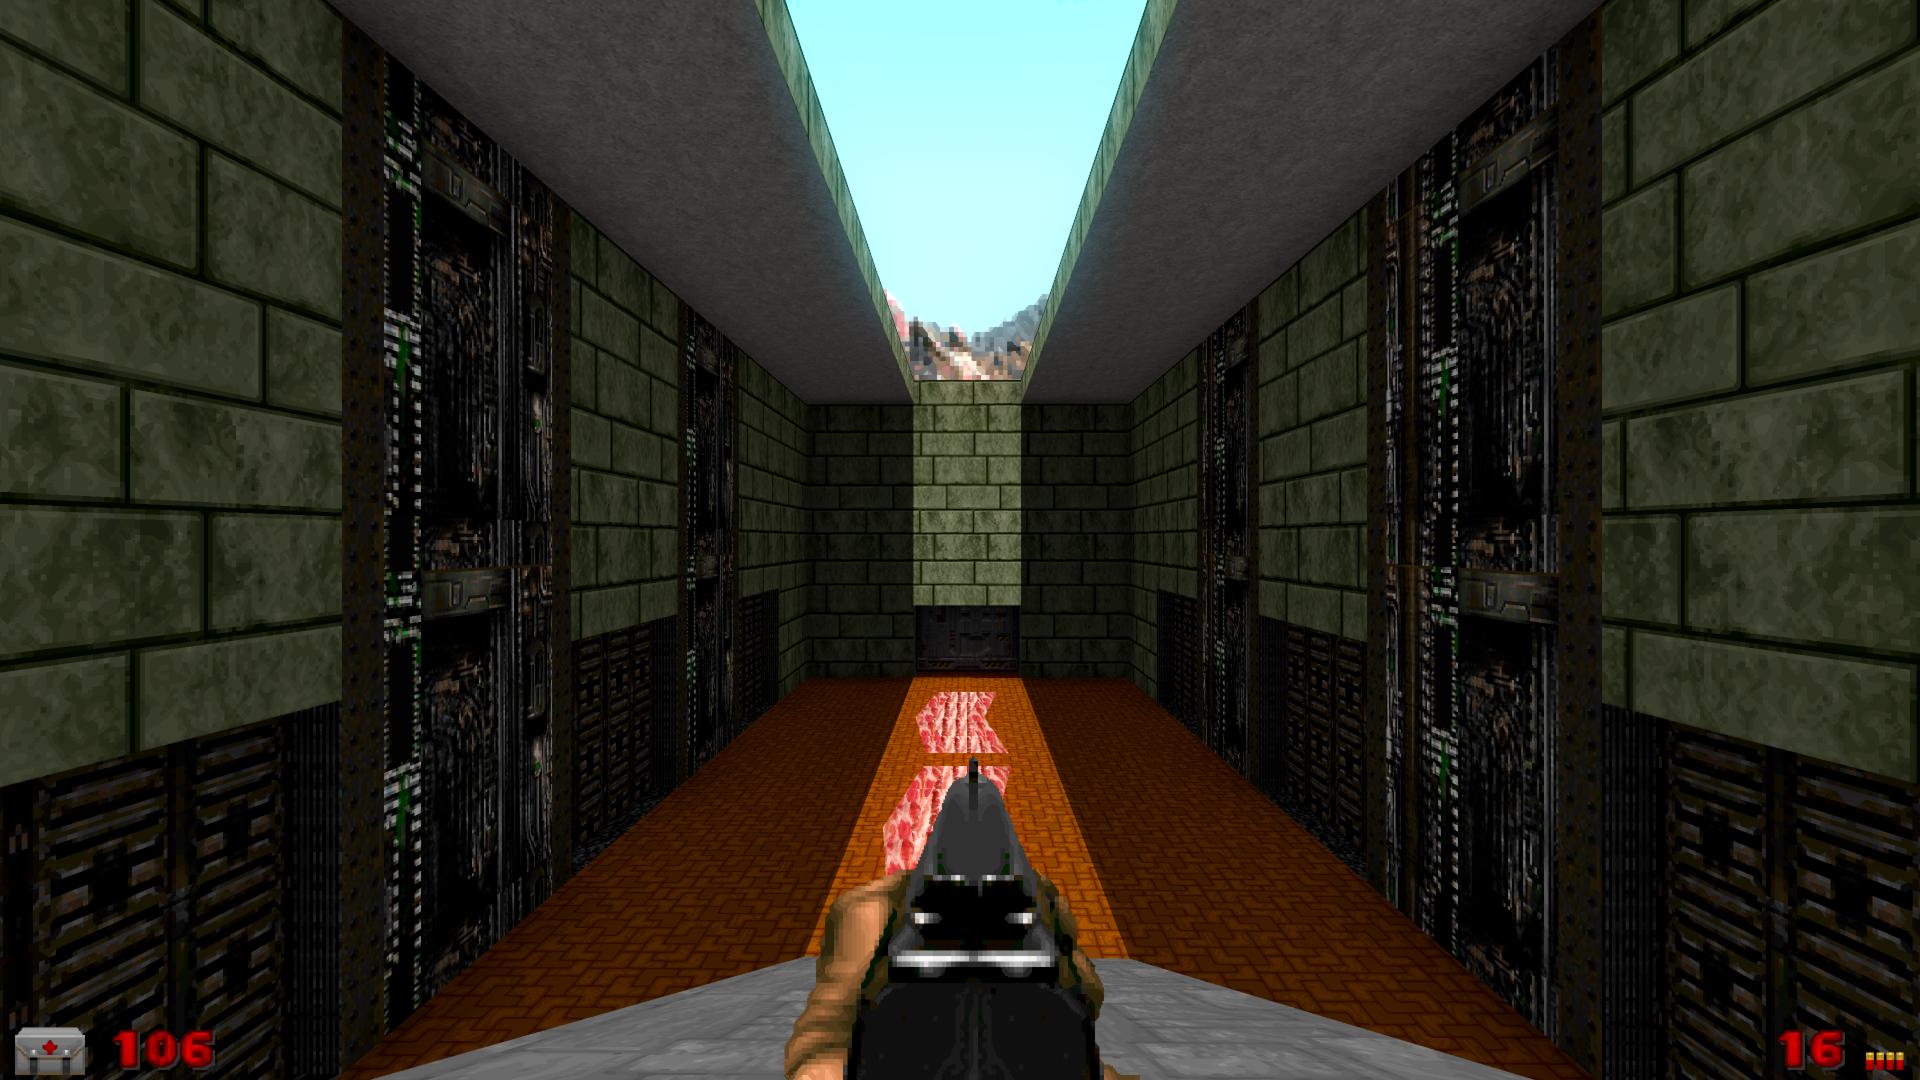 Screenshot_Doom_20210109_181658.png.808c18b6a8c66008a4791205da4fa9a6.png